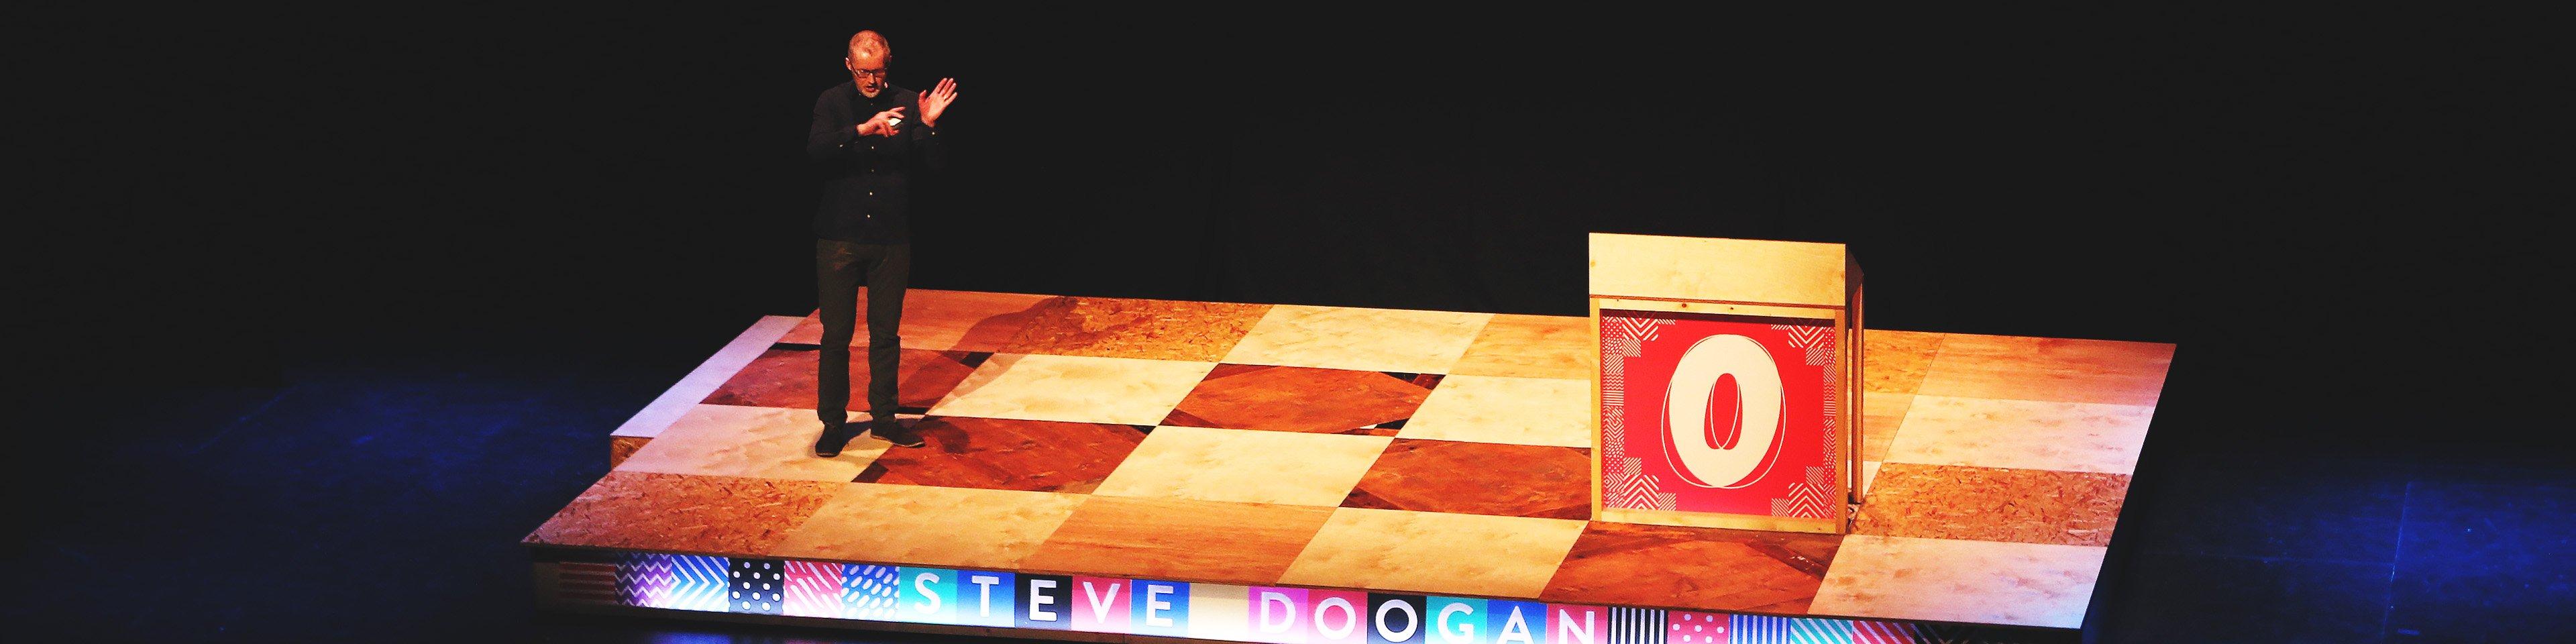 Steve Doogan at OFFSET 2015